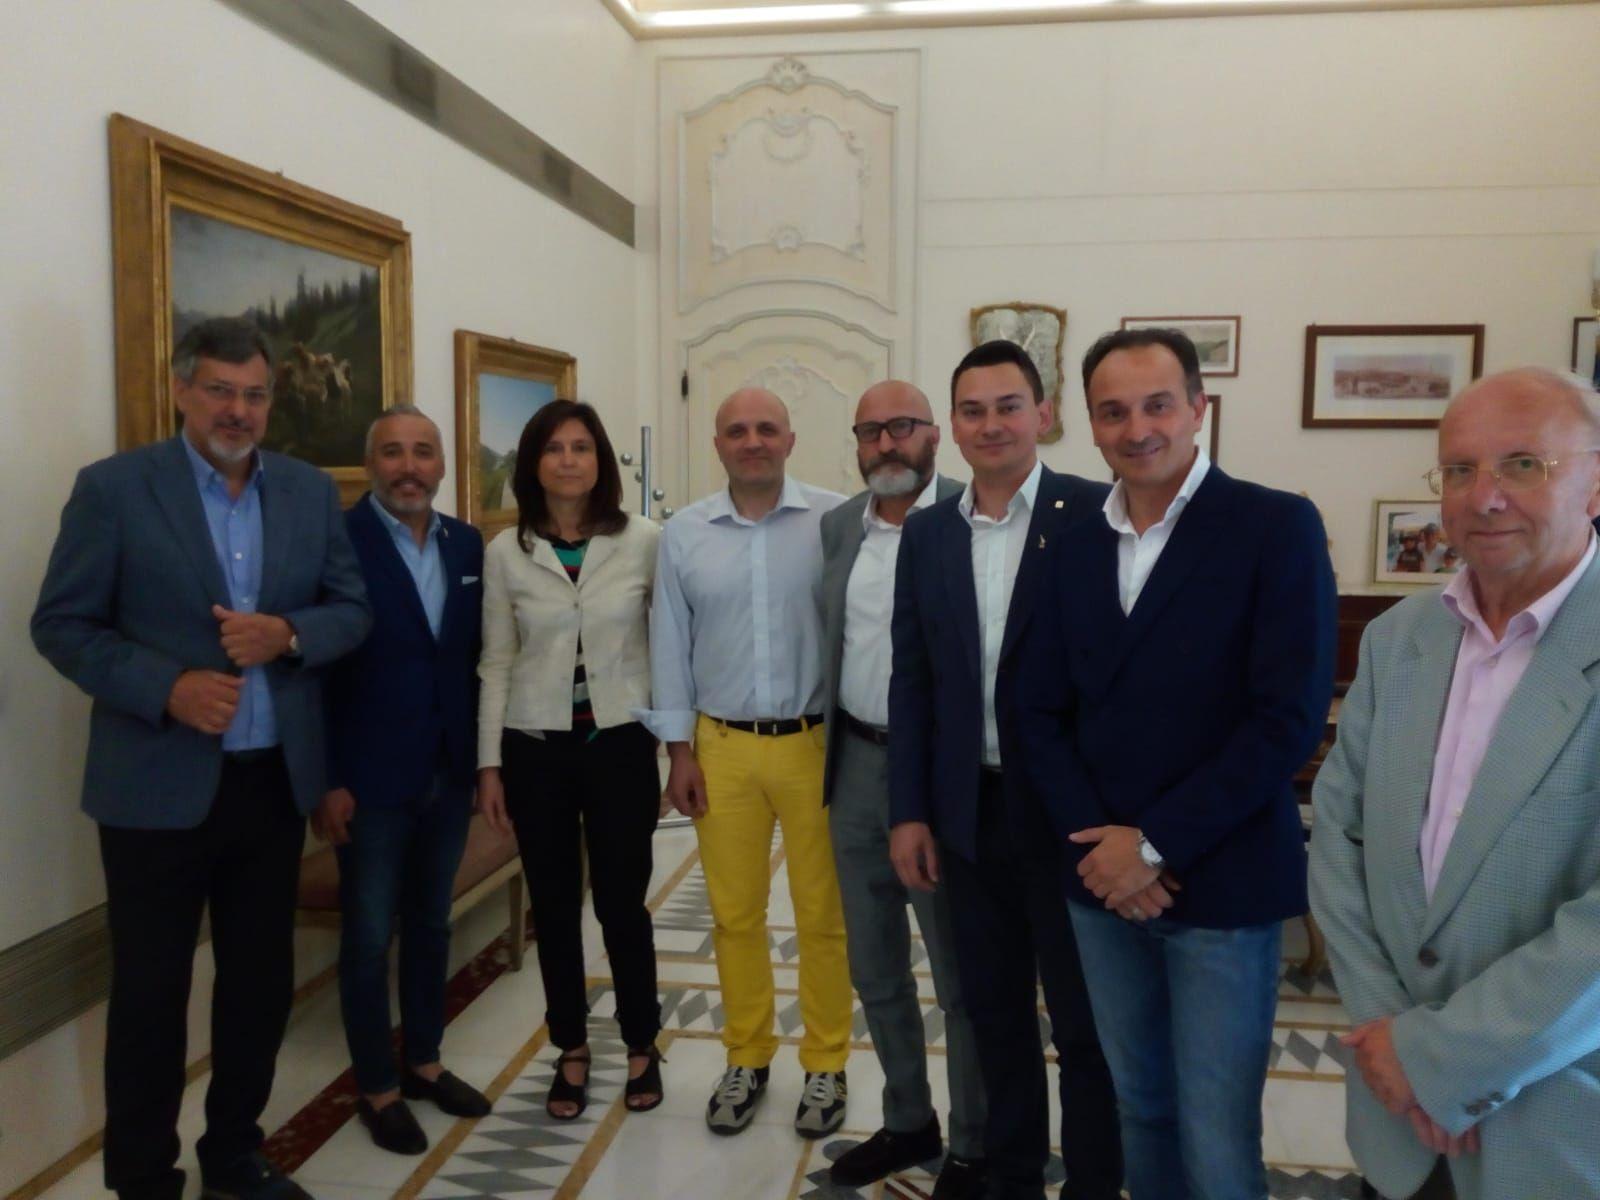 CANAVESE - Incontro in Regione con l'assessore Fabio Carosso per parlare di Asa